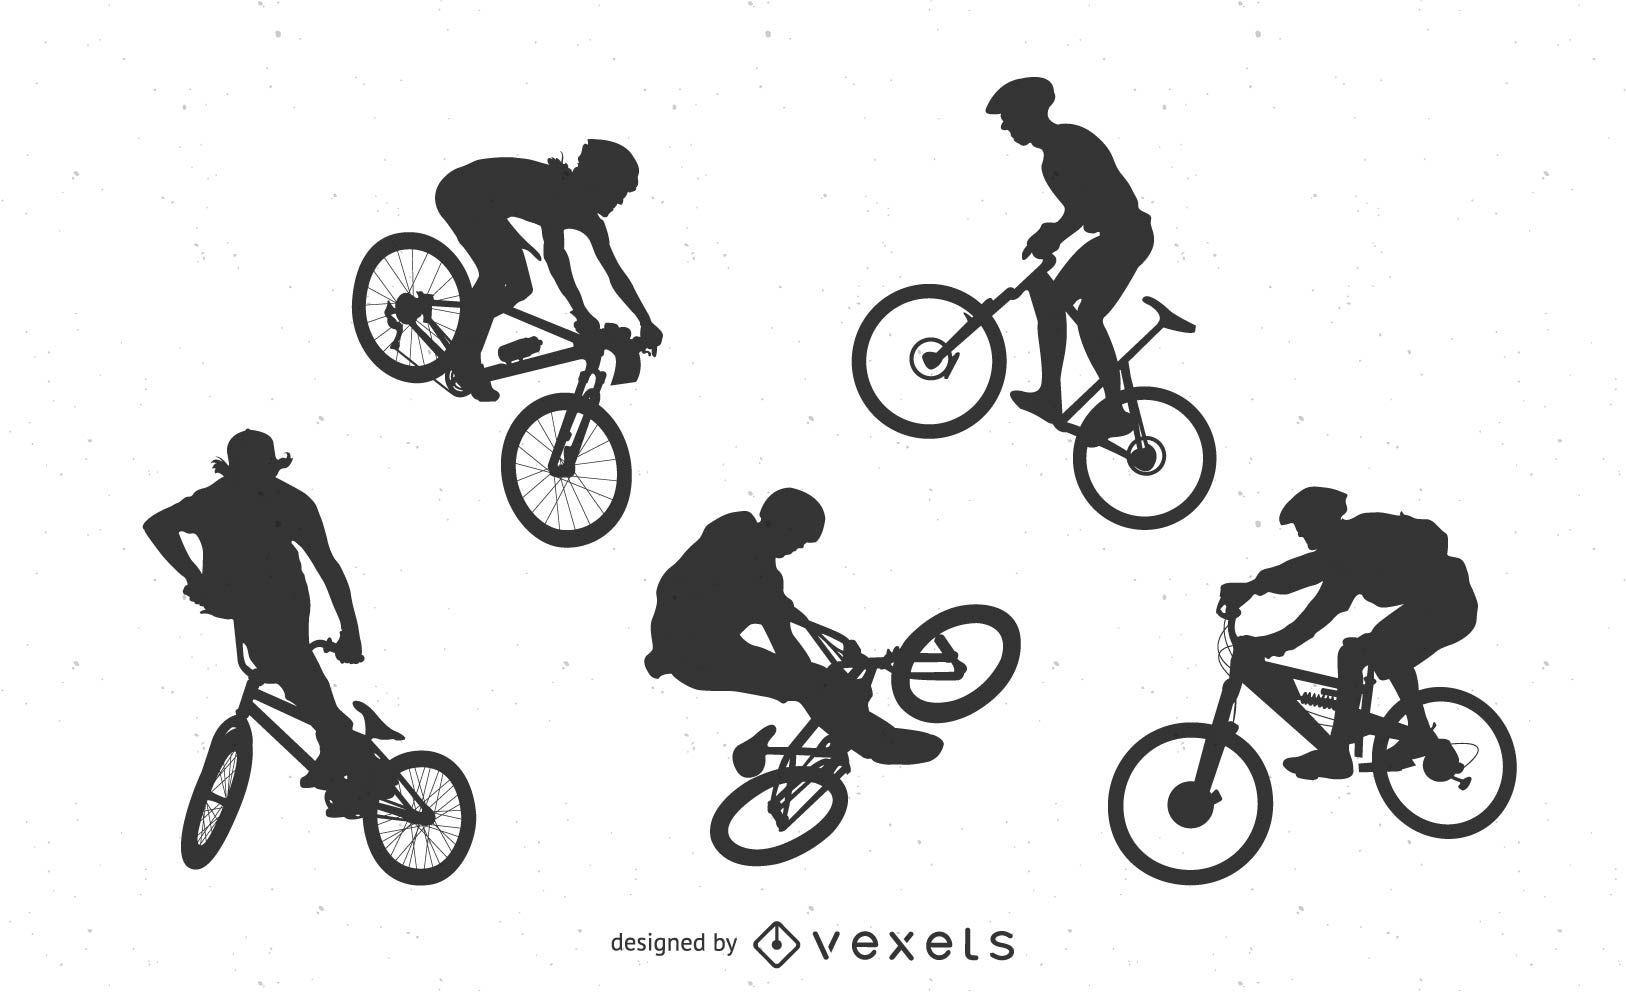 Siluetas de bicicletas BMX